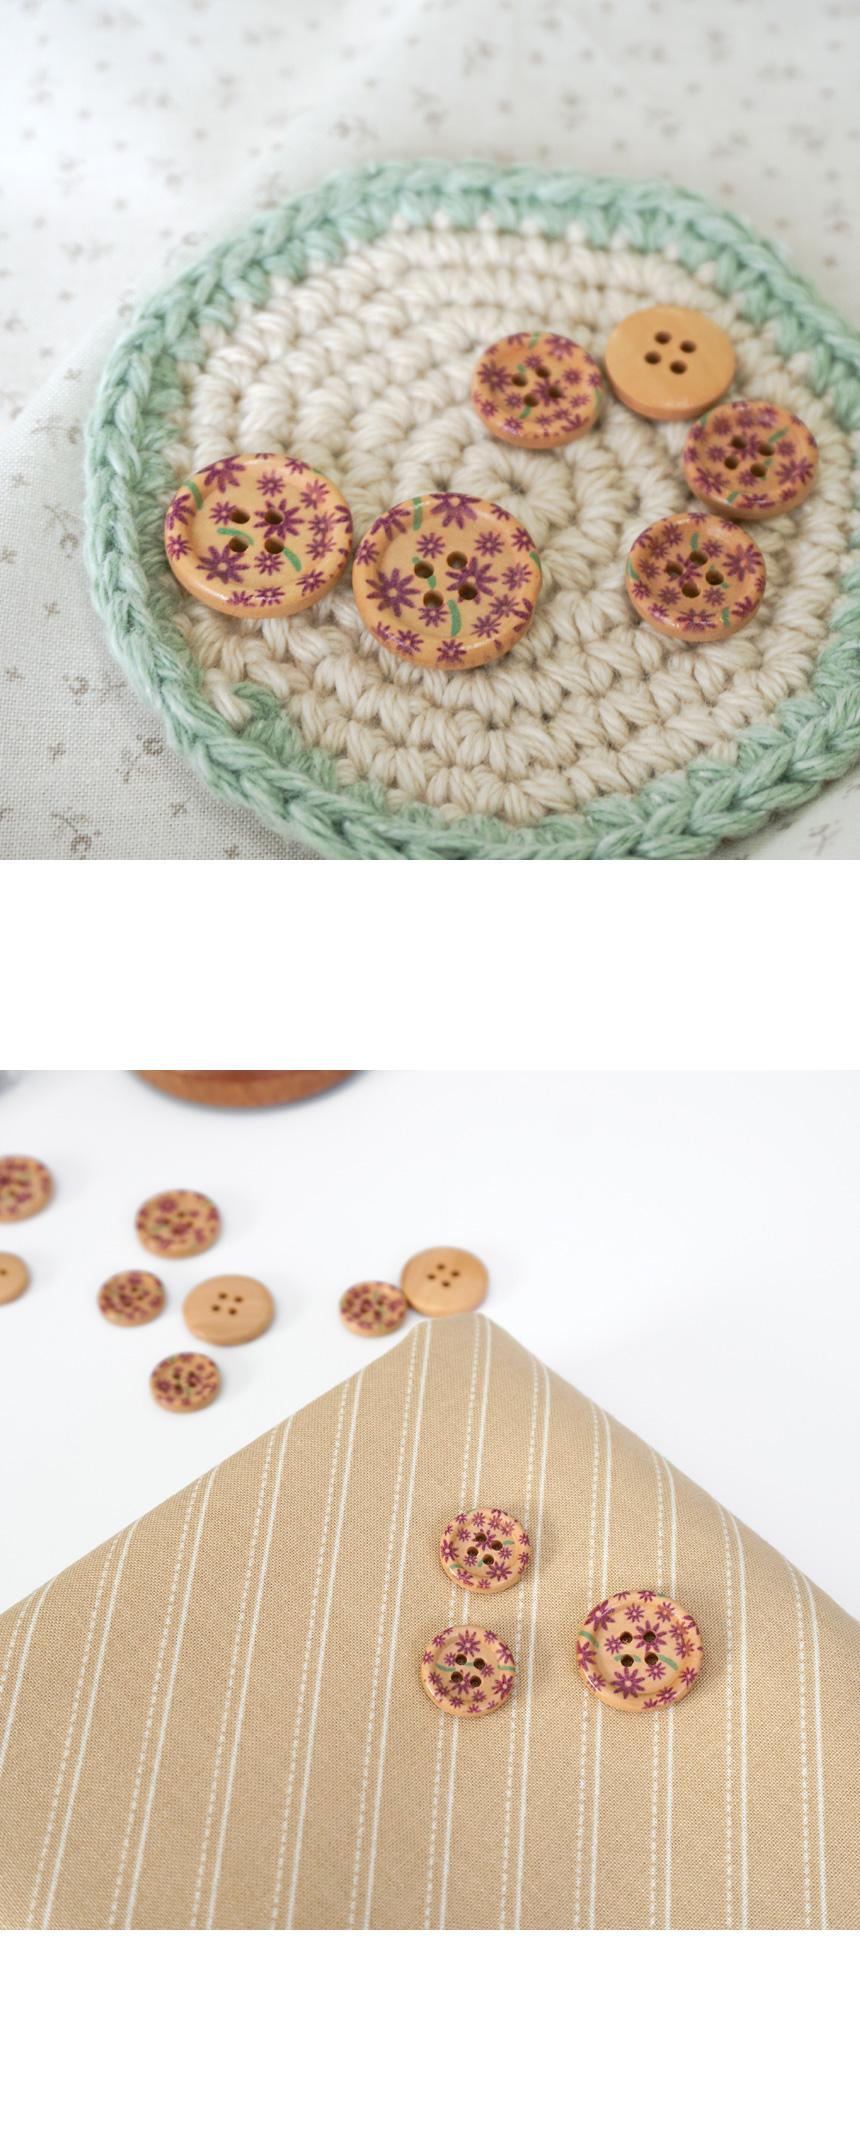 라벤더 빈티지 단추 (중20mm  소15mm) - 슬로우모먼츠, 750원, 뜨개질, 뜨개질 부자재